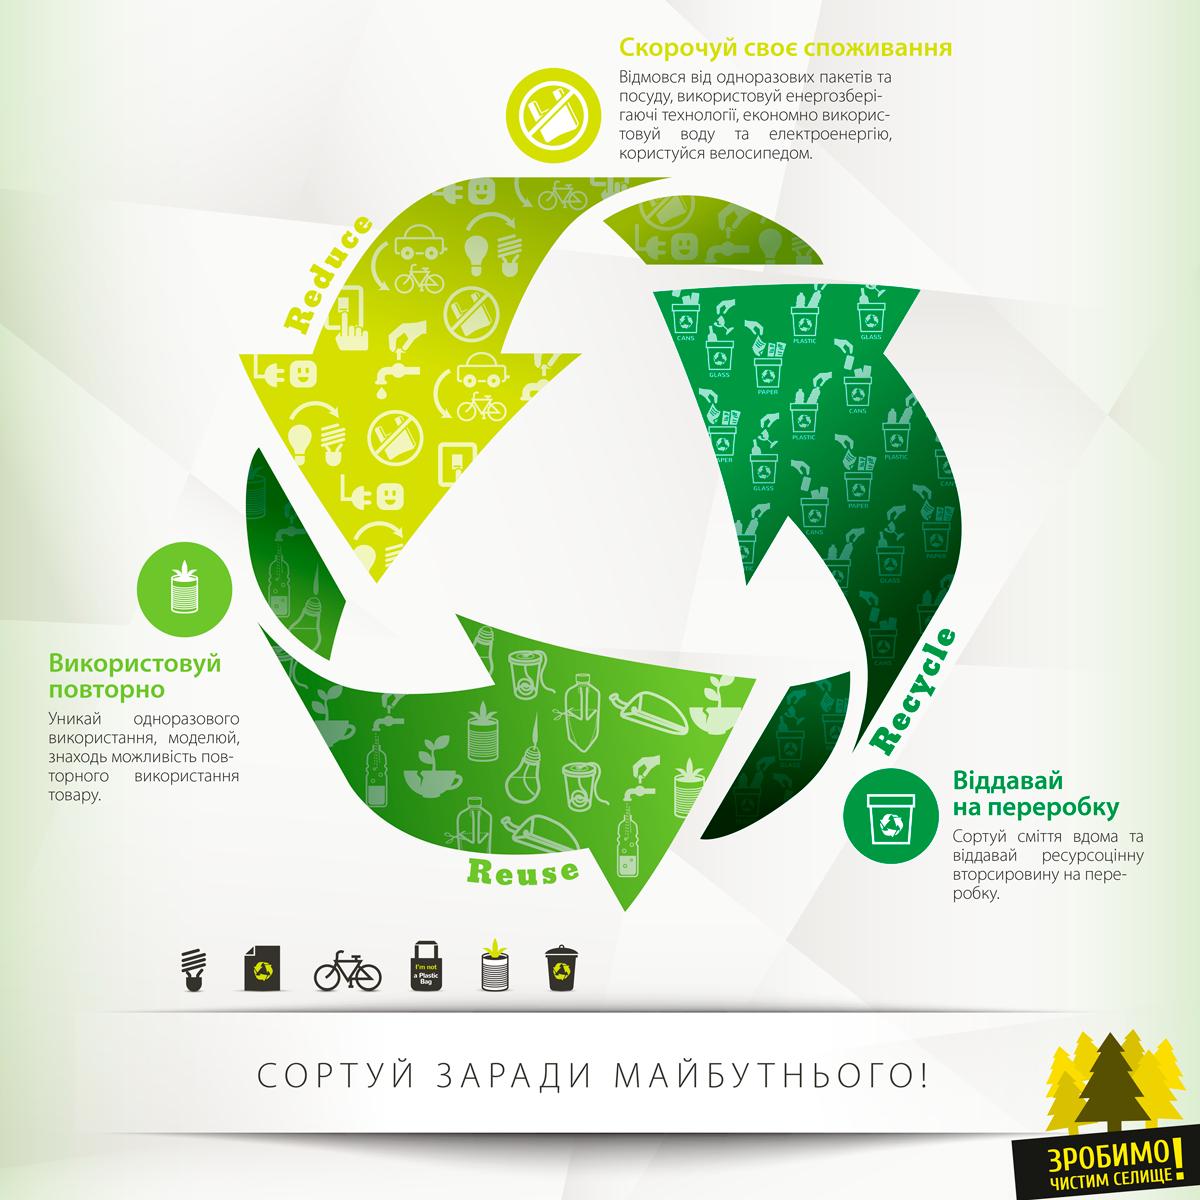 Мобільний пункт зі збору вторсировини у Клавдієвому: Як позбутися непотребу без шкоди для довкілля? Здати його на переробку! - сортування сміття, Клавдієве, вторсировина, Бородянський район - 32634503 1127958427346360 7960111838866178048 n